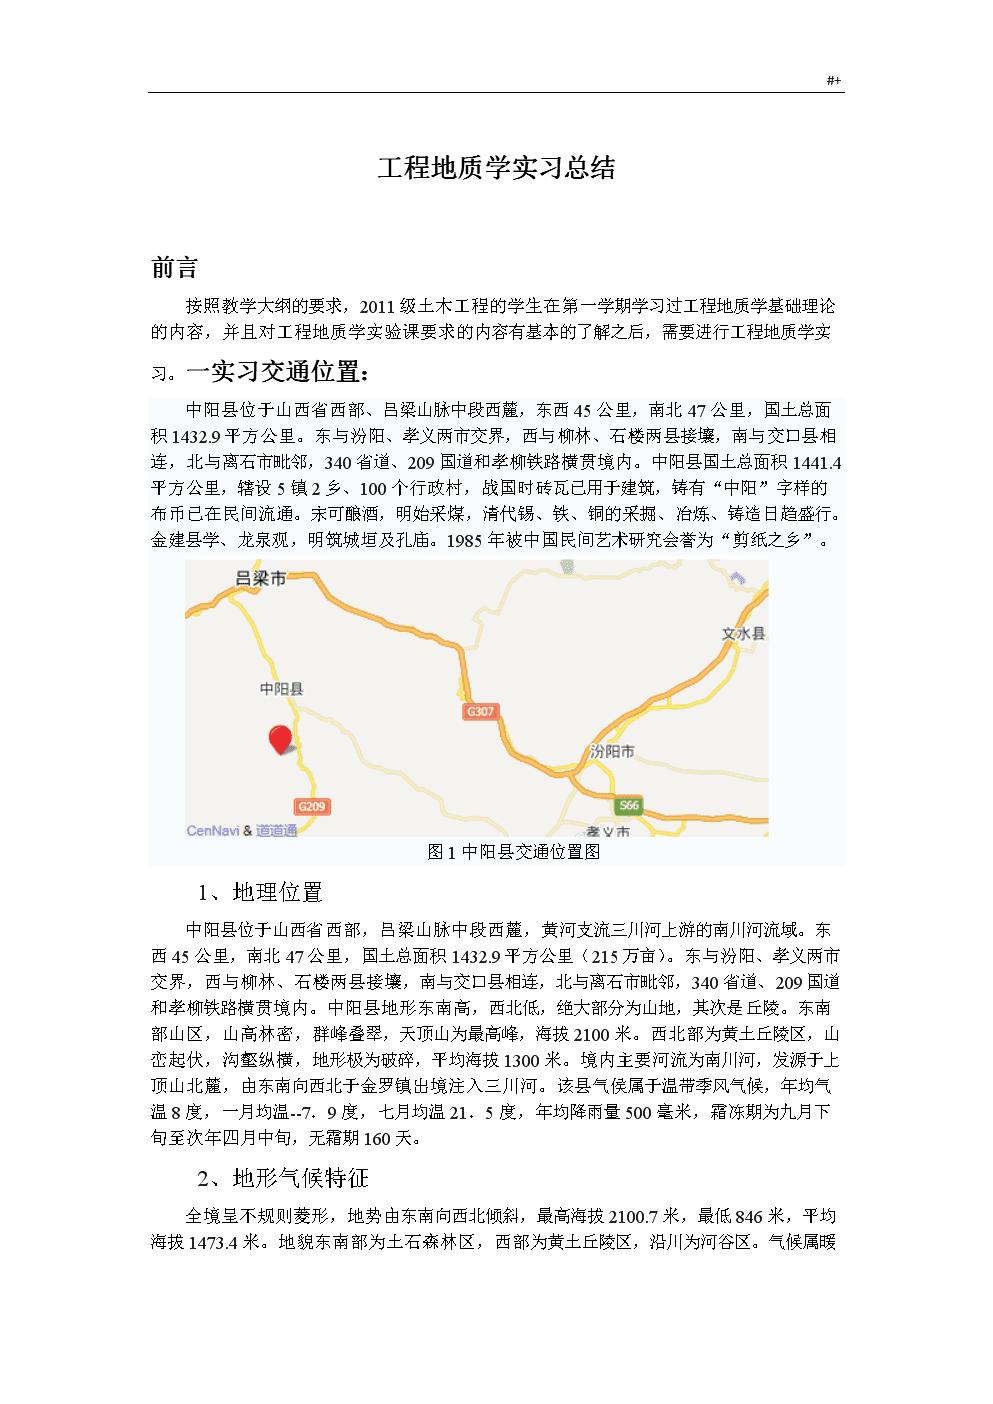 项目工程地质实习学习总结.doc